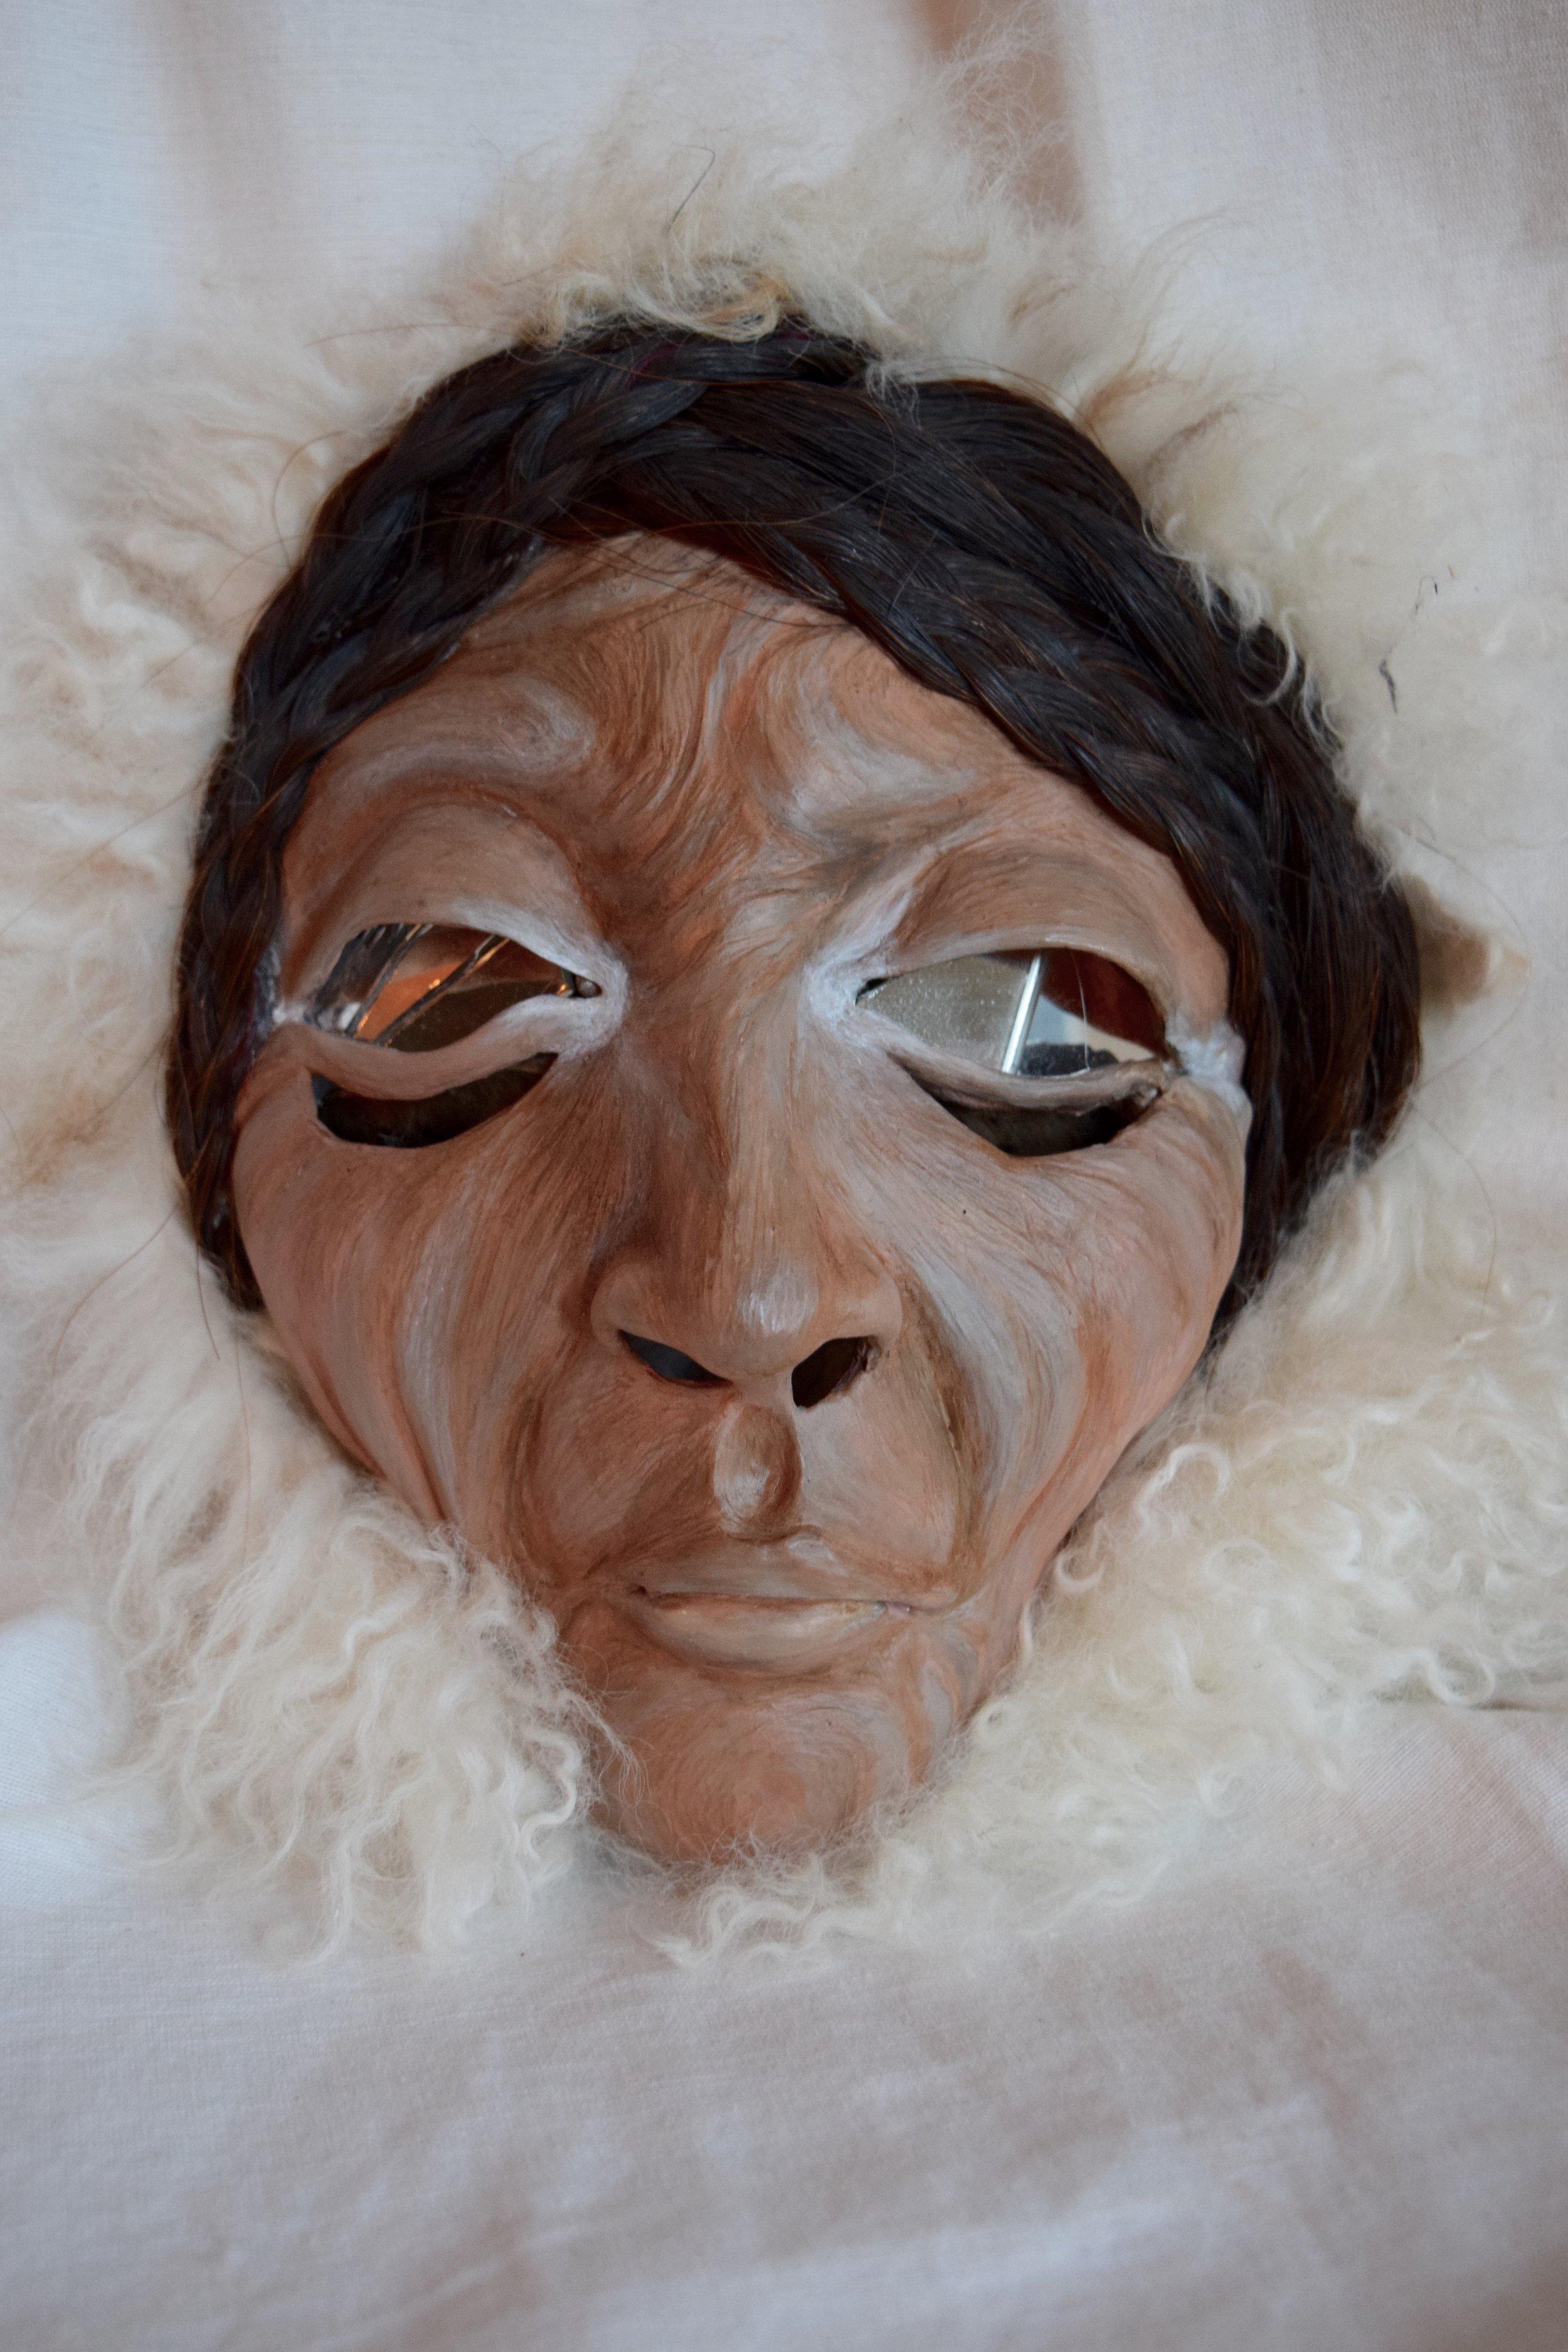 Winter Queen, 2015. Clay, Mongolian sheep hide, horse hair, mirror, acrylic